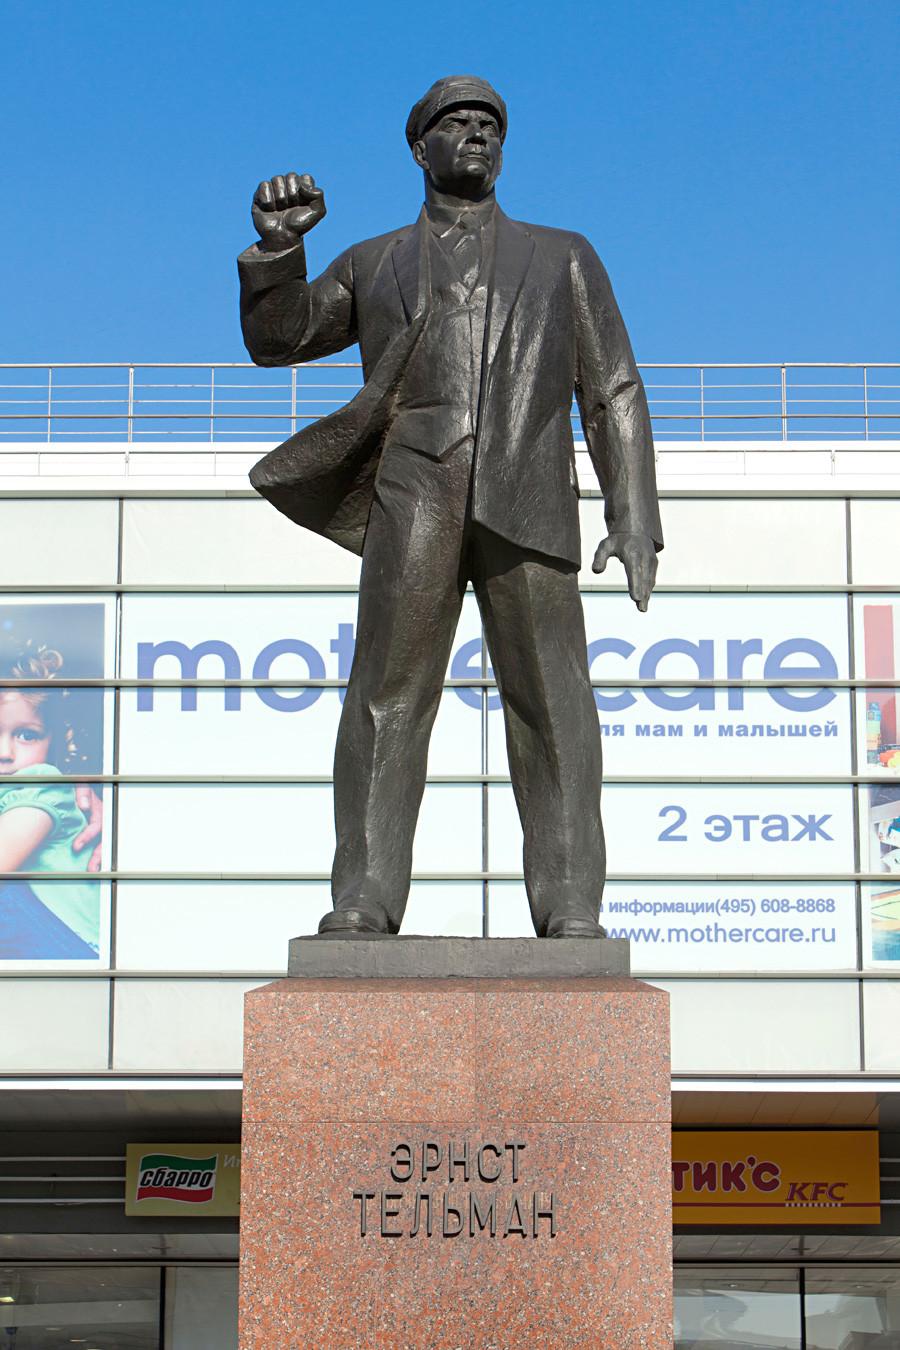 エルンスト・テールマンの像